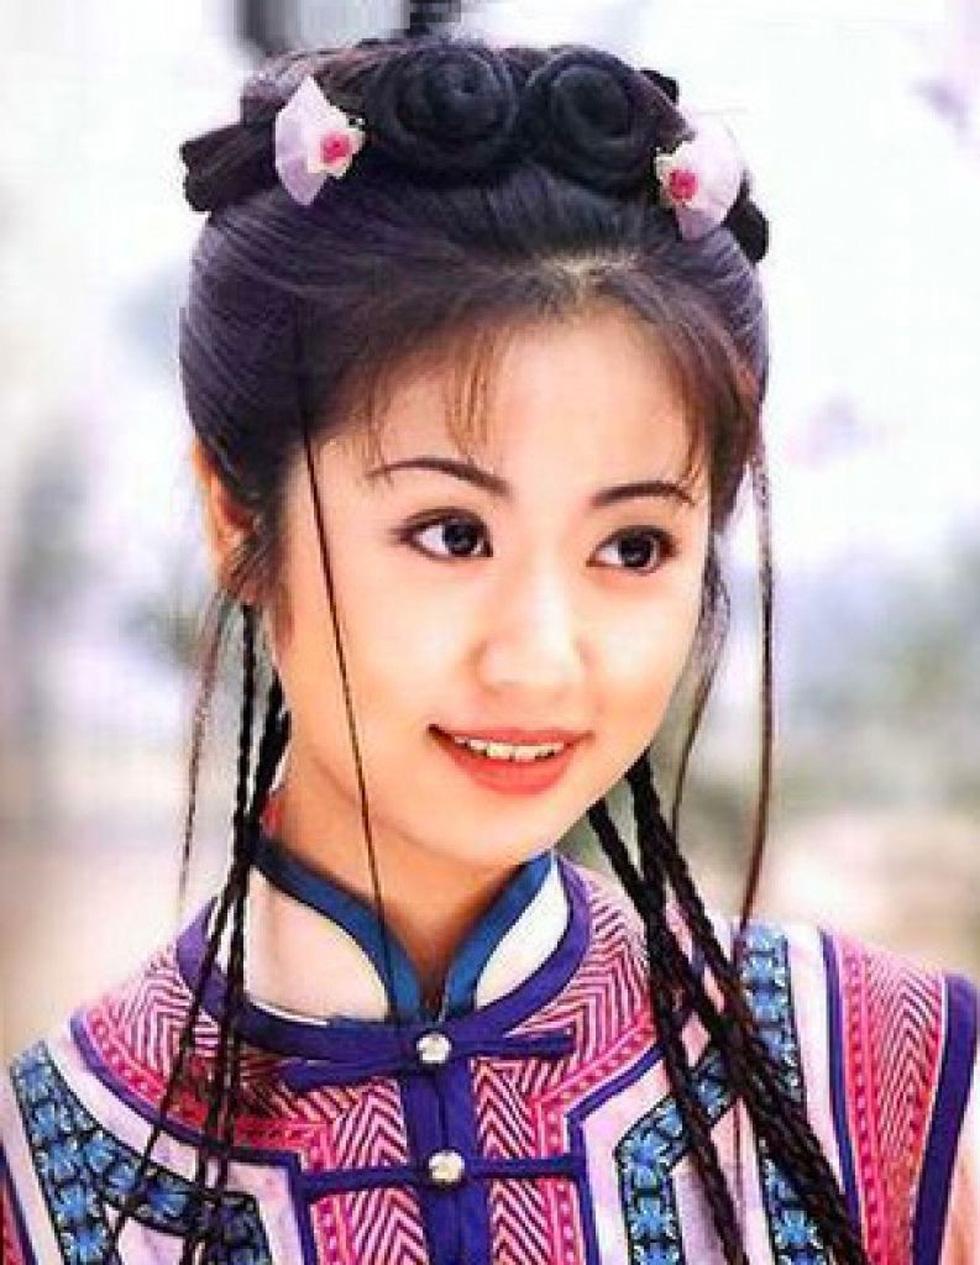 20 năm qua, ai đã dành cả thanh xuân để xem Hoàn Châu công chúa? - Ảnh 6.